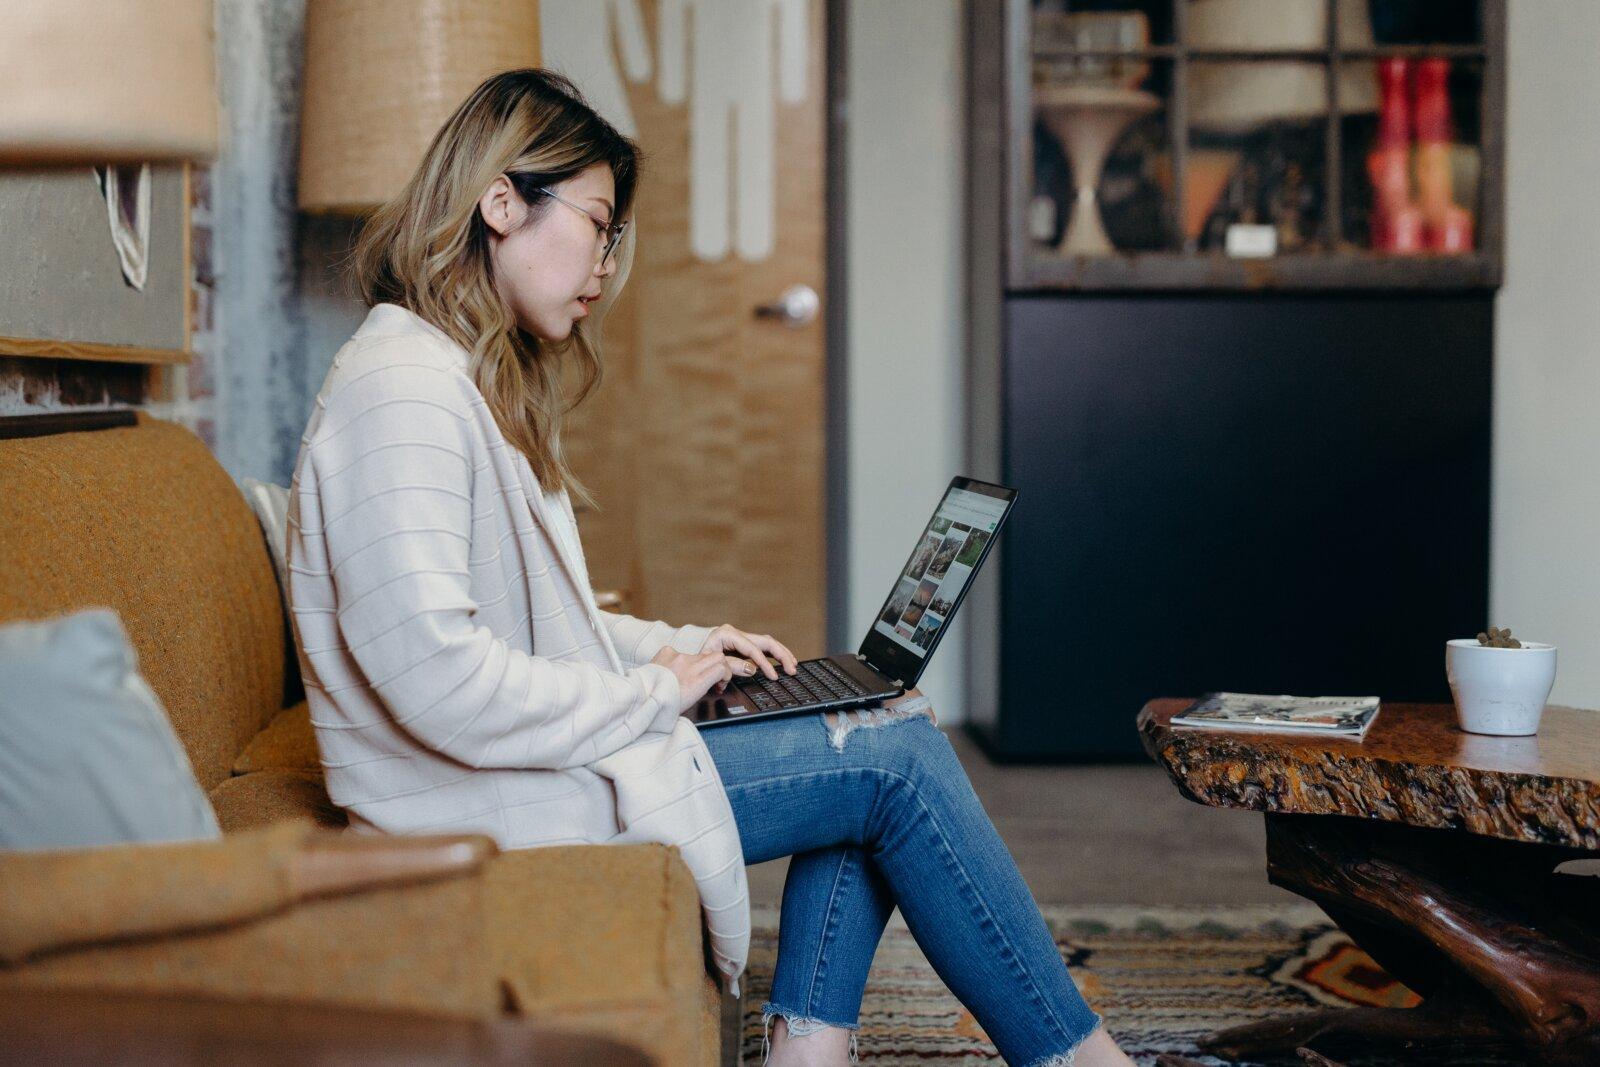 как сохранить здоровье при сидячей работе